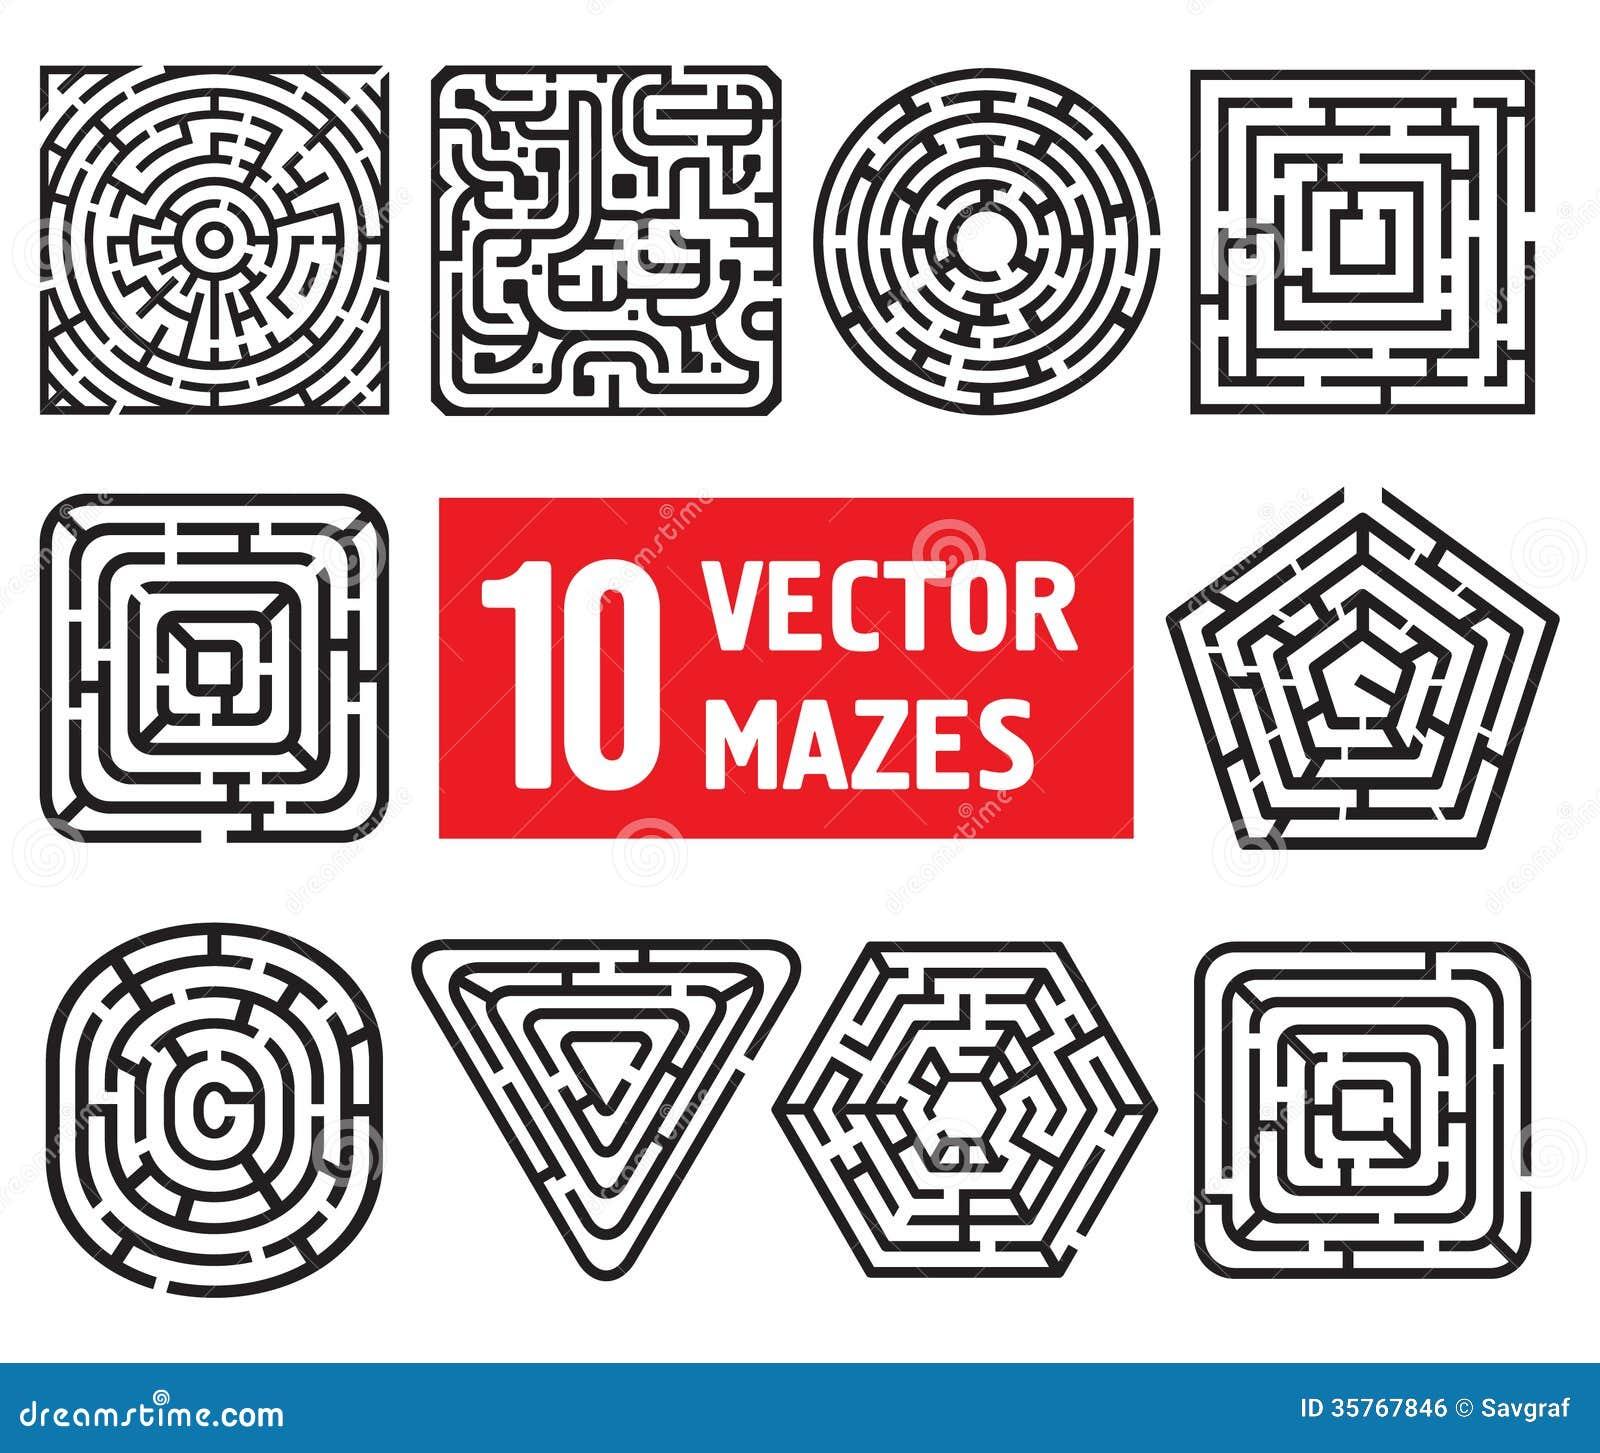 Dez labirintos do vetor